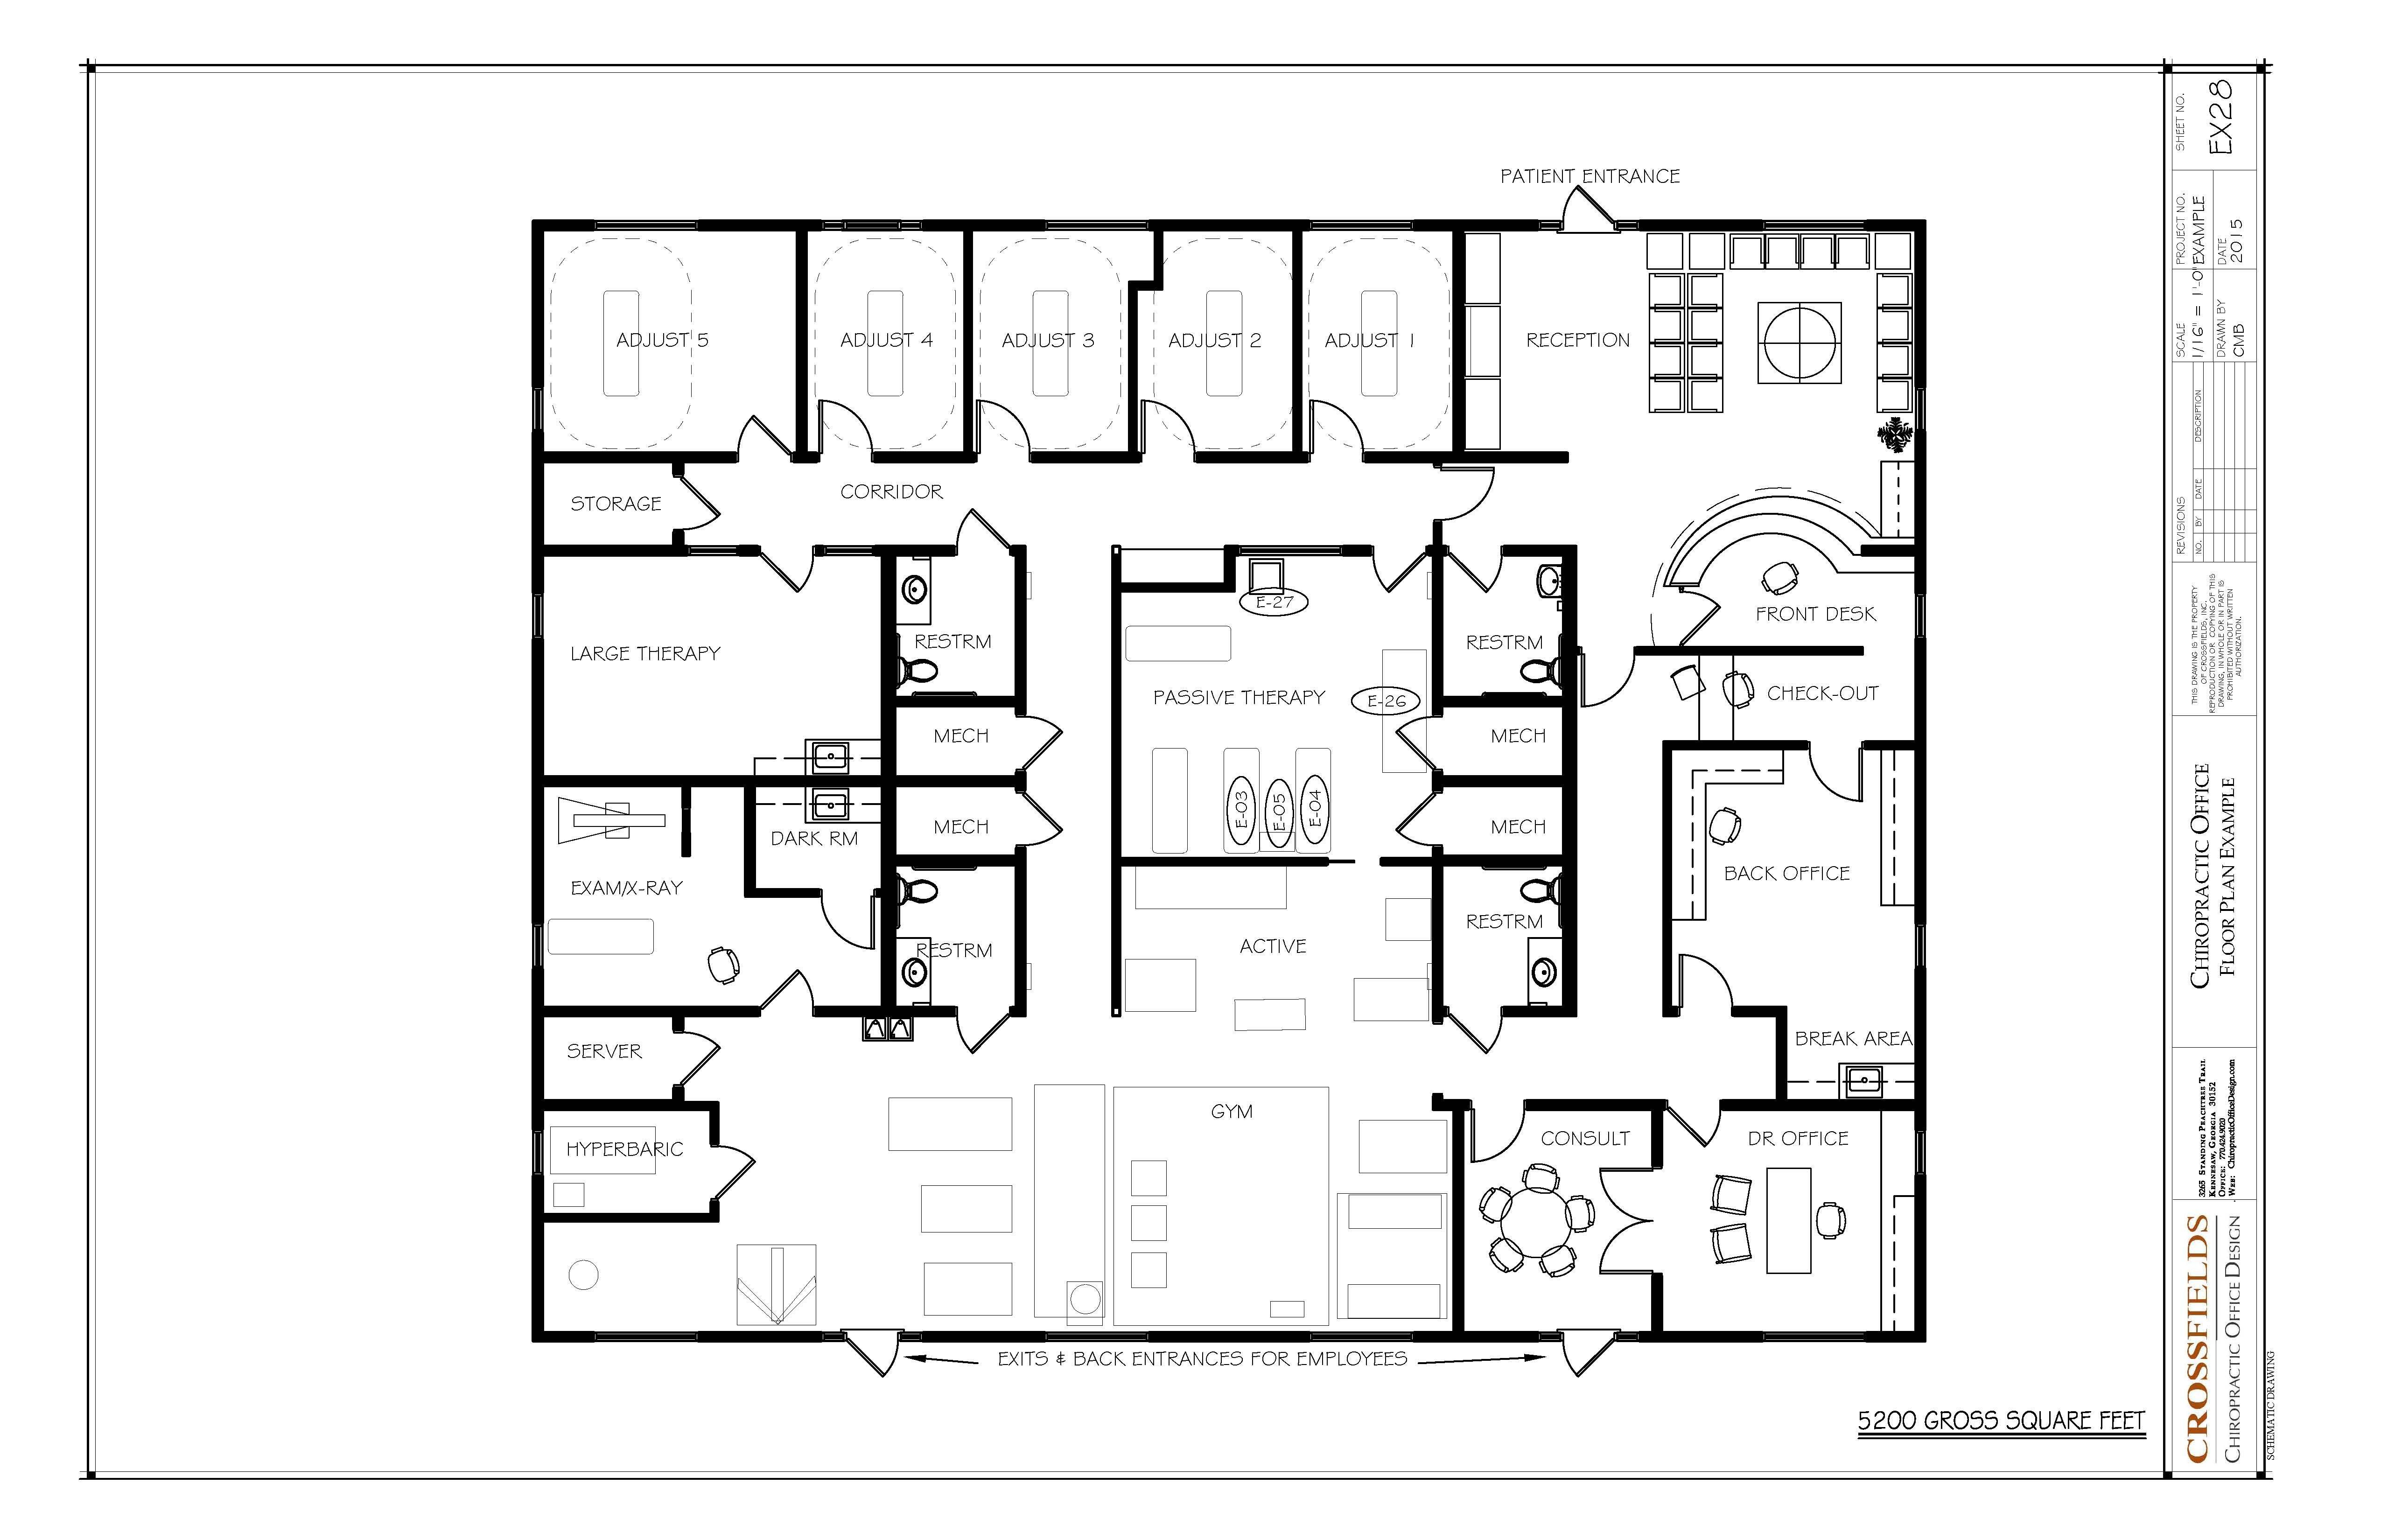 Chiropractic Office Floorplan Layout Chiropractic